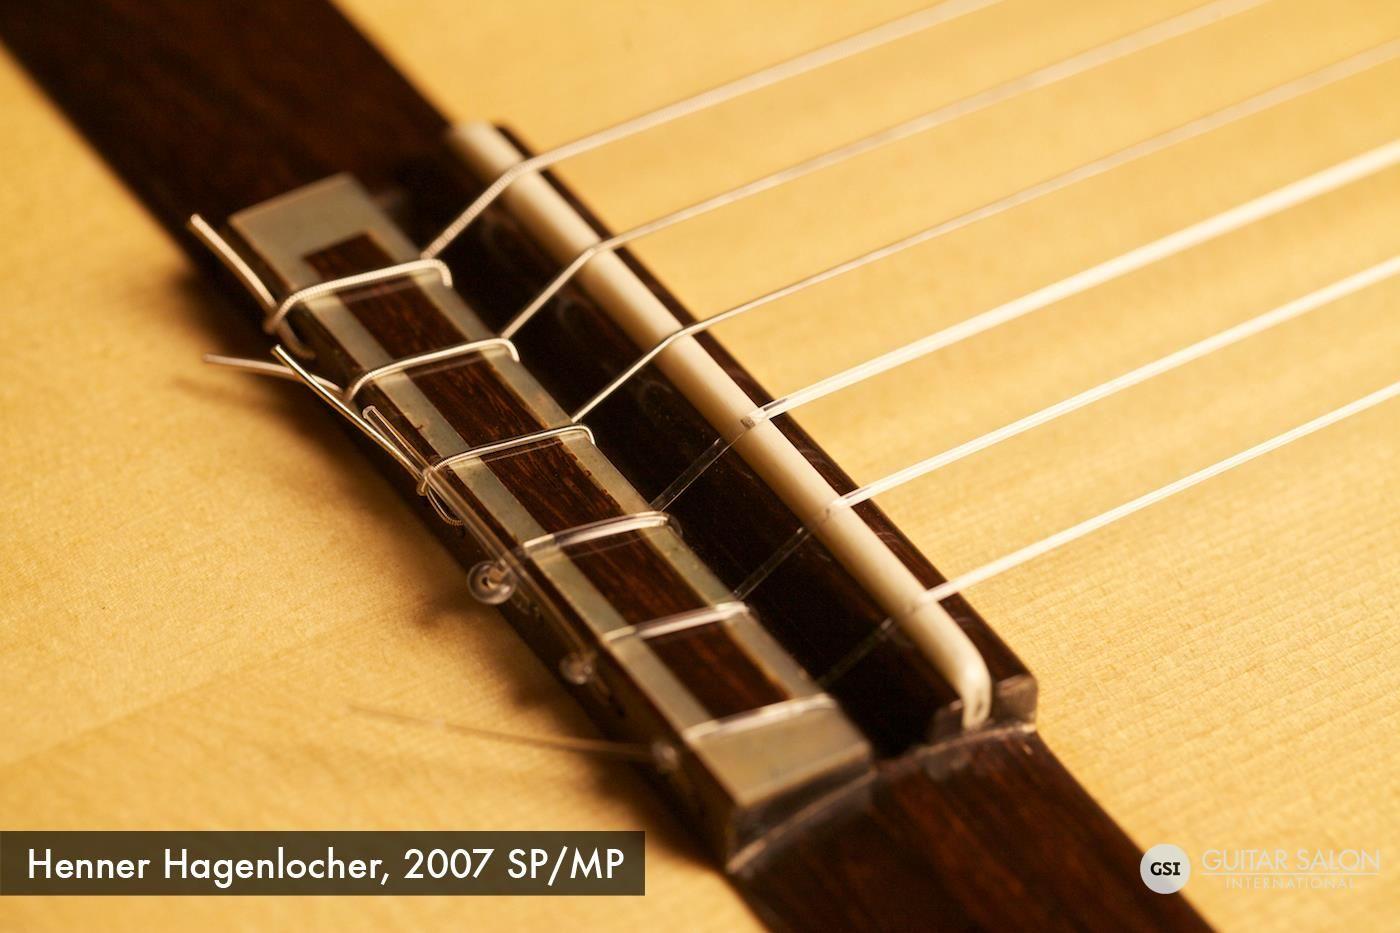 2007 Henner Hagenlocher Sp Mp Classical Guitar Guitar Music Technology